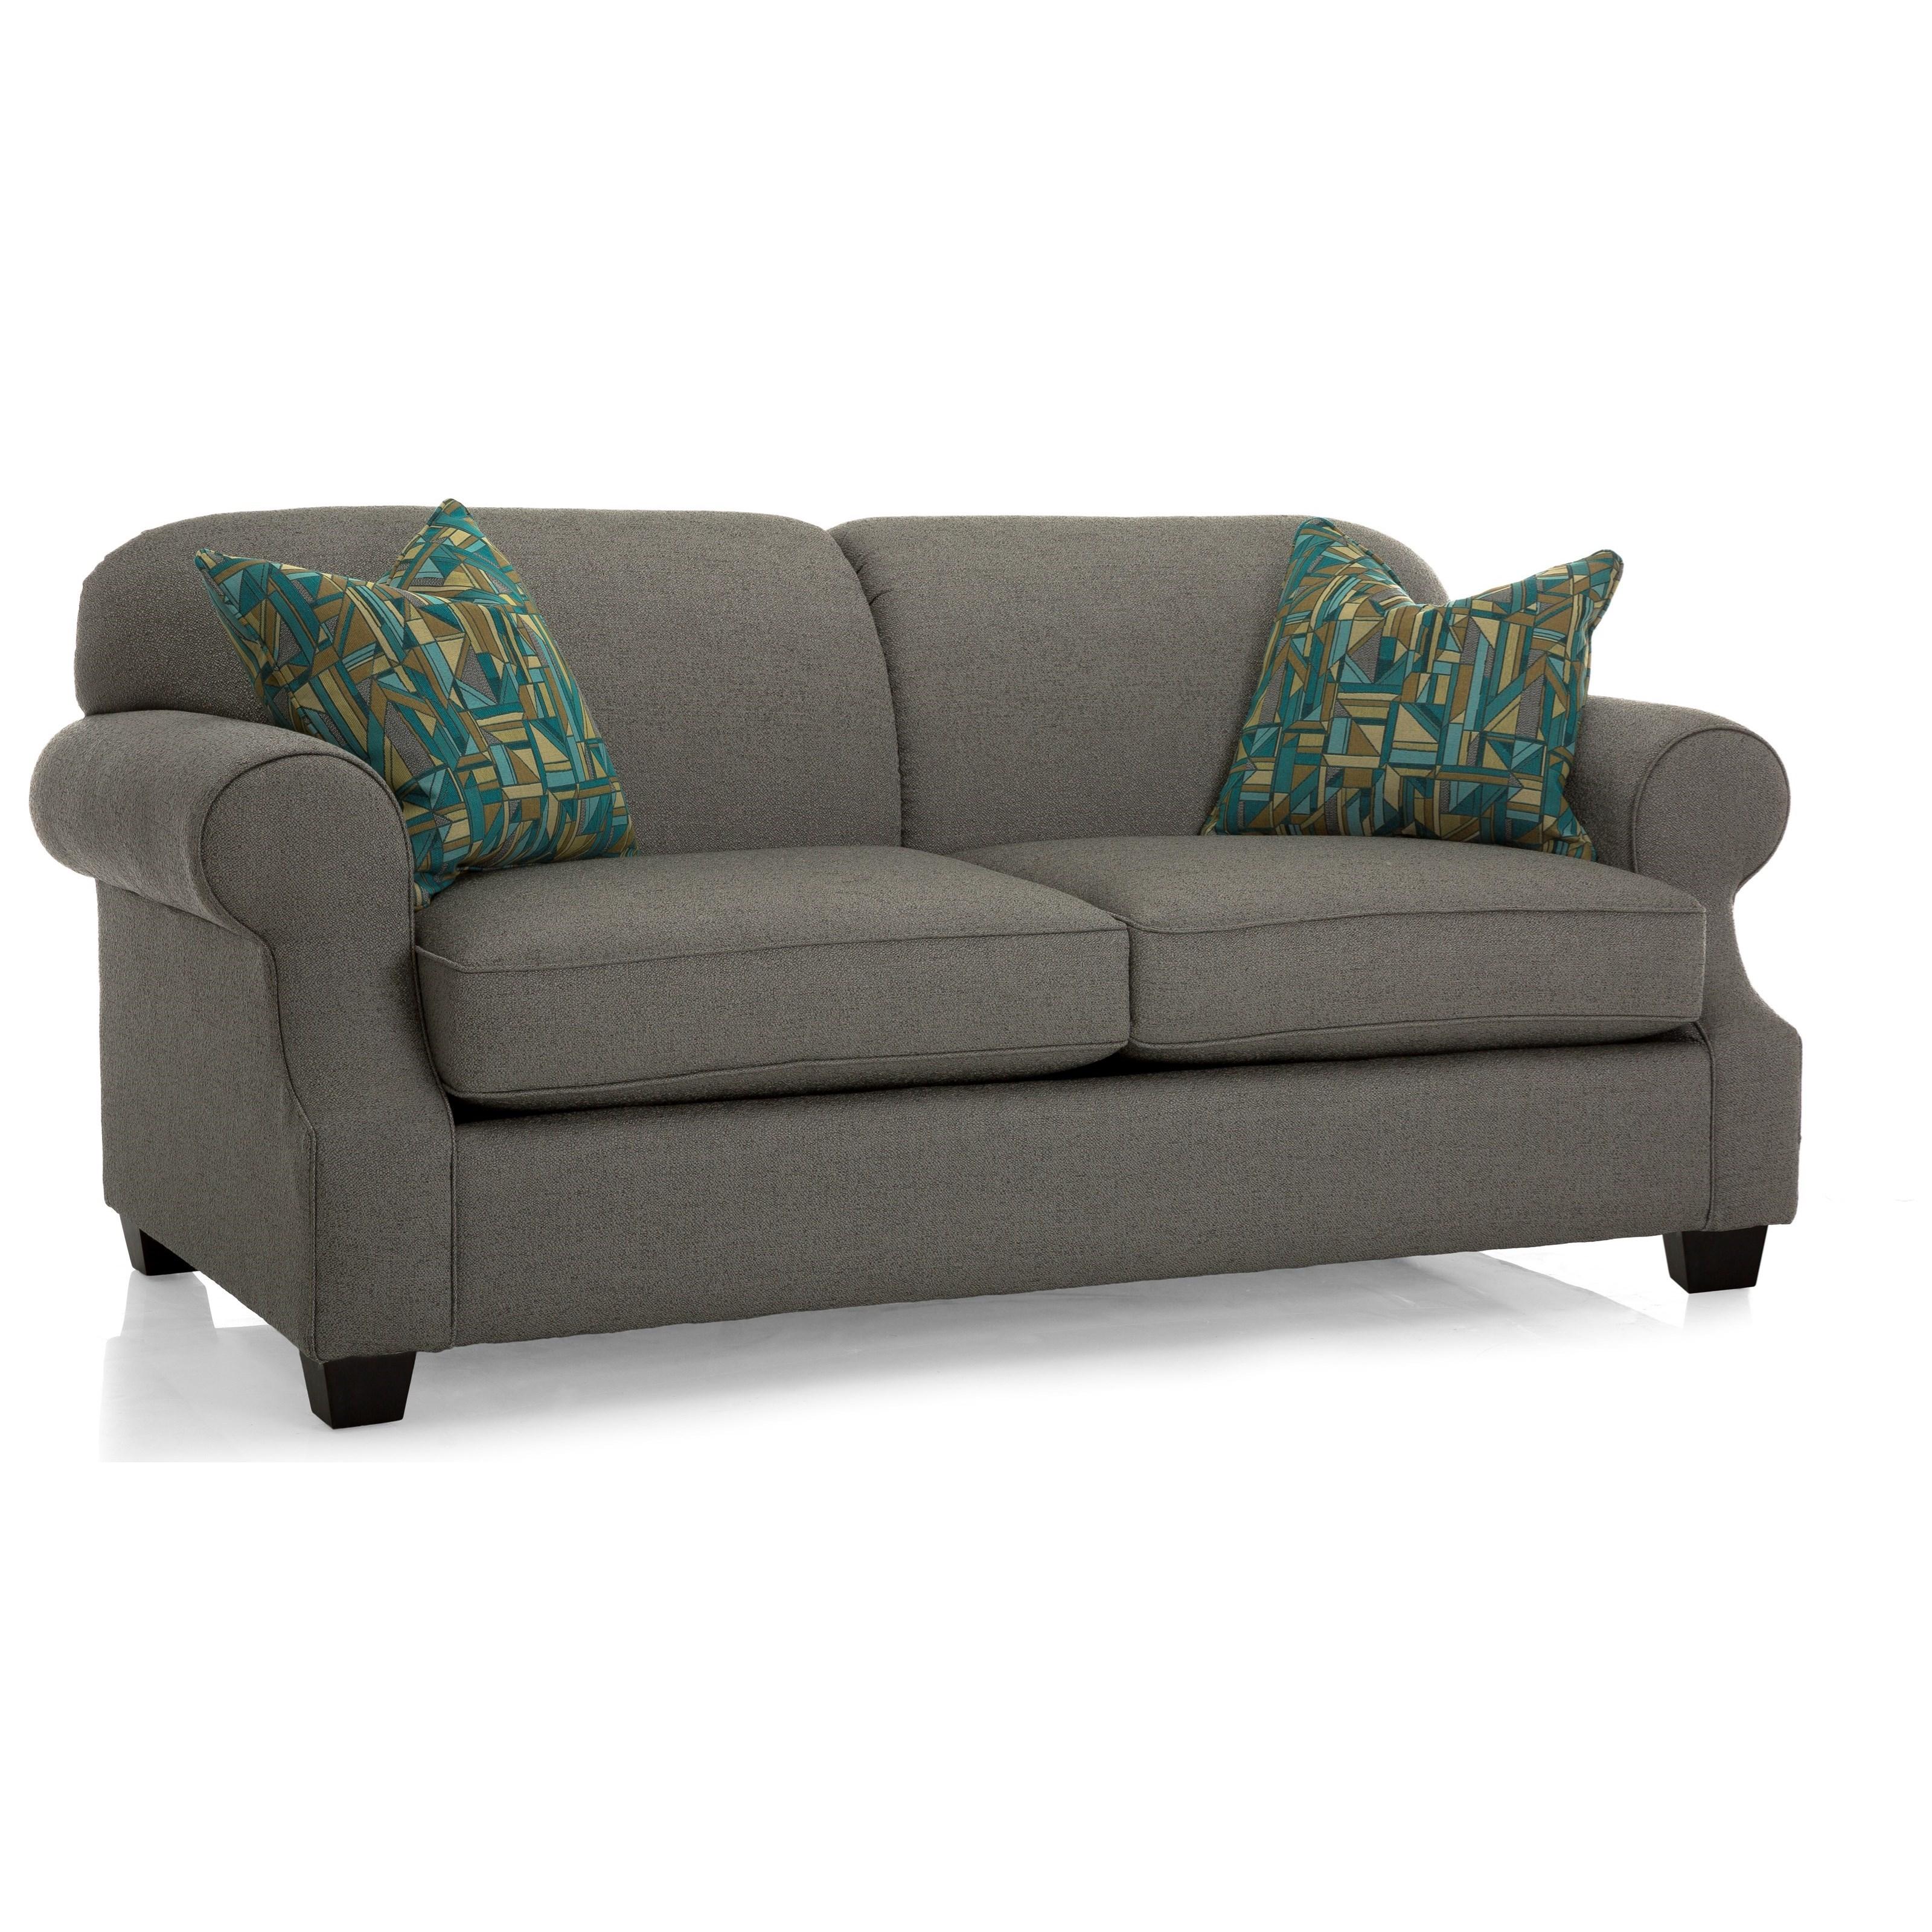 Double Bed Sleeper Sofa